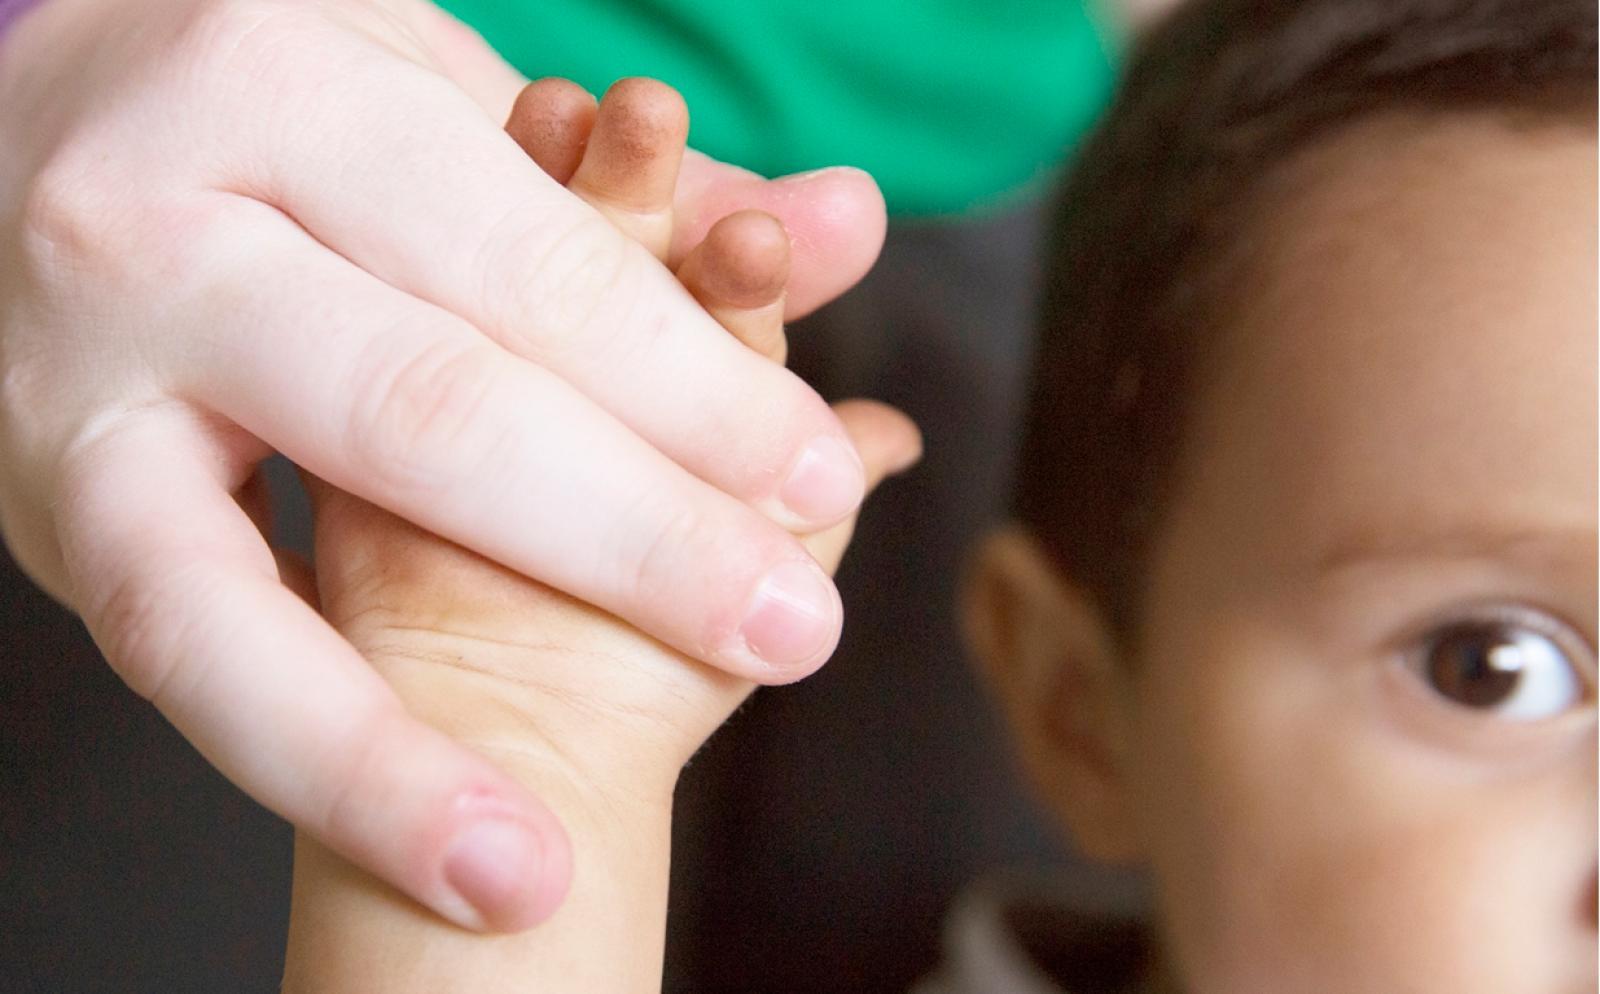 チャイルドケアボランティアにつかまる幼い子供